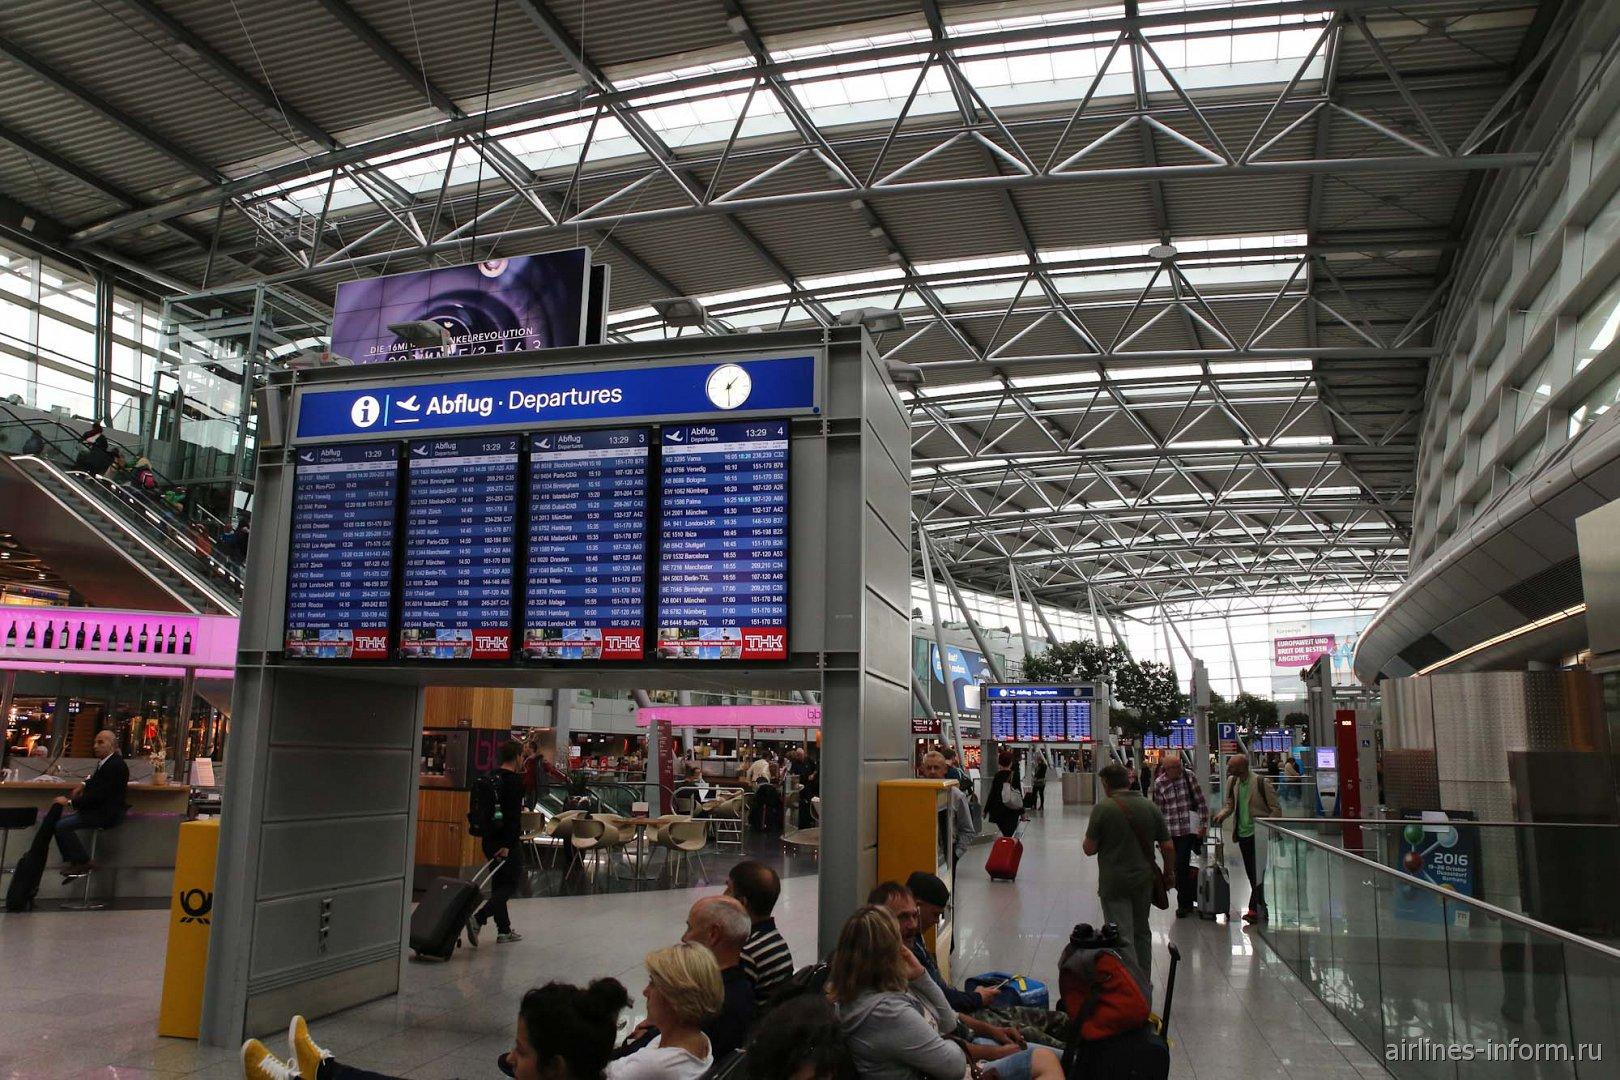 Информационное табло в аэропорту Дюссельдорфа